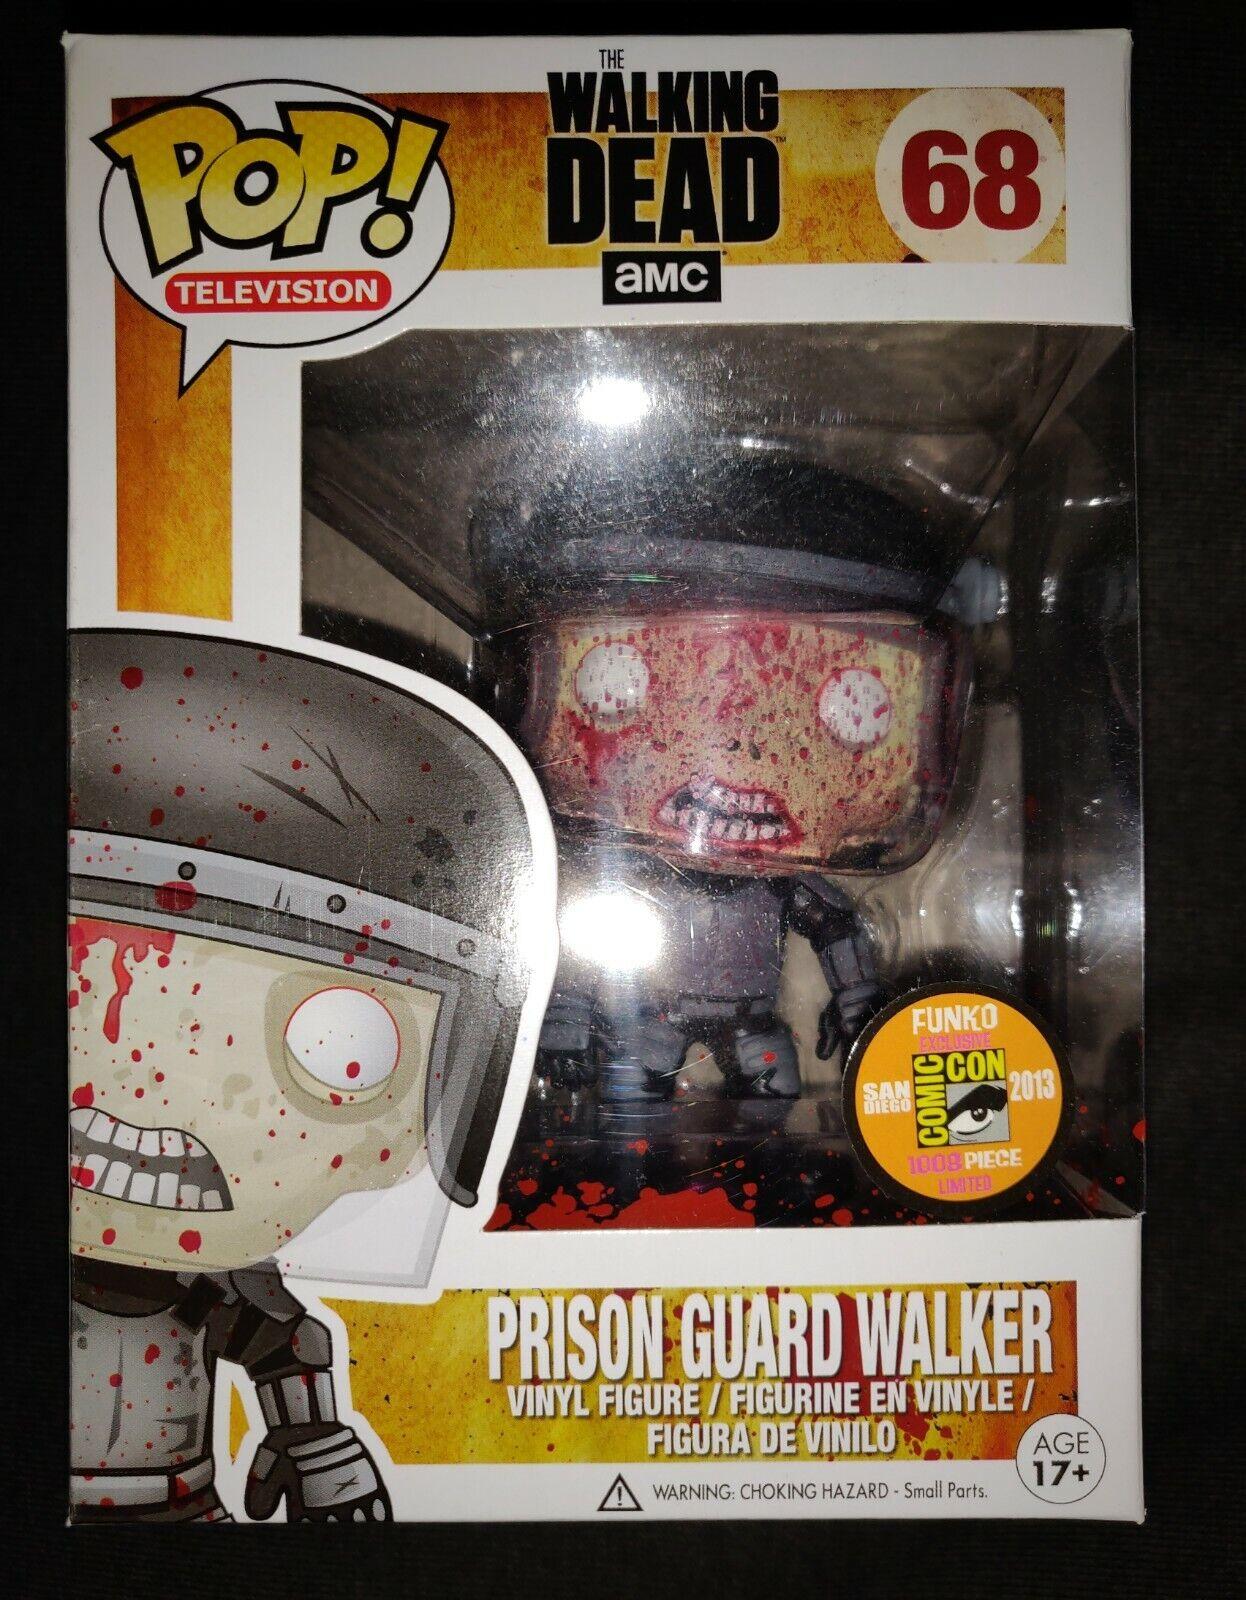 SDCC Bloody Prison Guard Walker Walking Dead AMC Funko Pop Vinyl Figure RARE  68